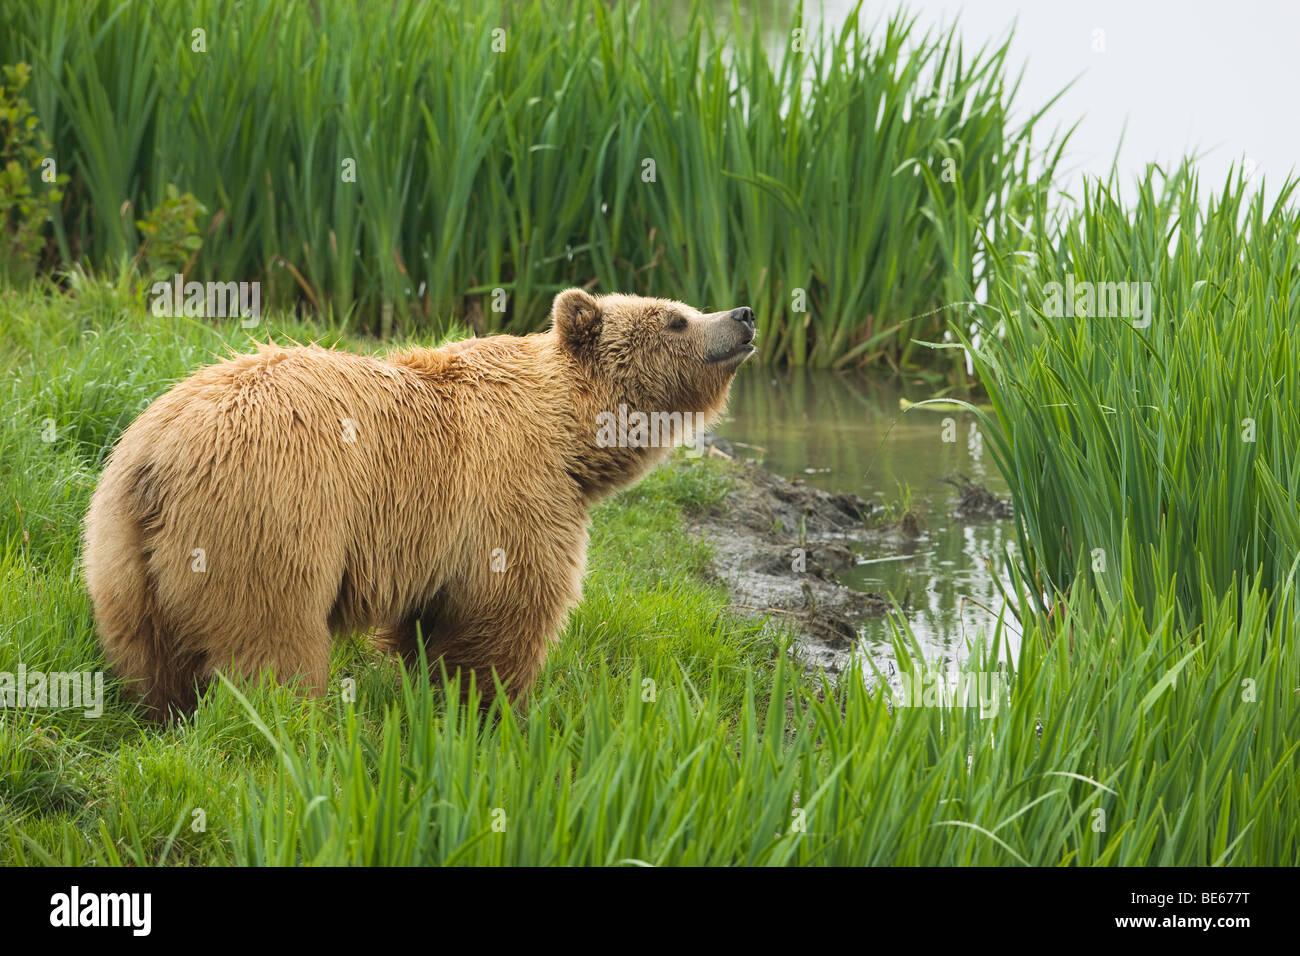 Europäischer Braunbär (Ursus Arctos) stehen am Rand Wassers beim schnuppern. Stockbild